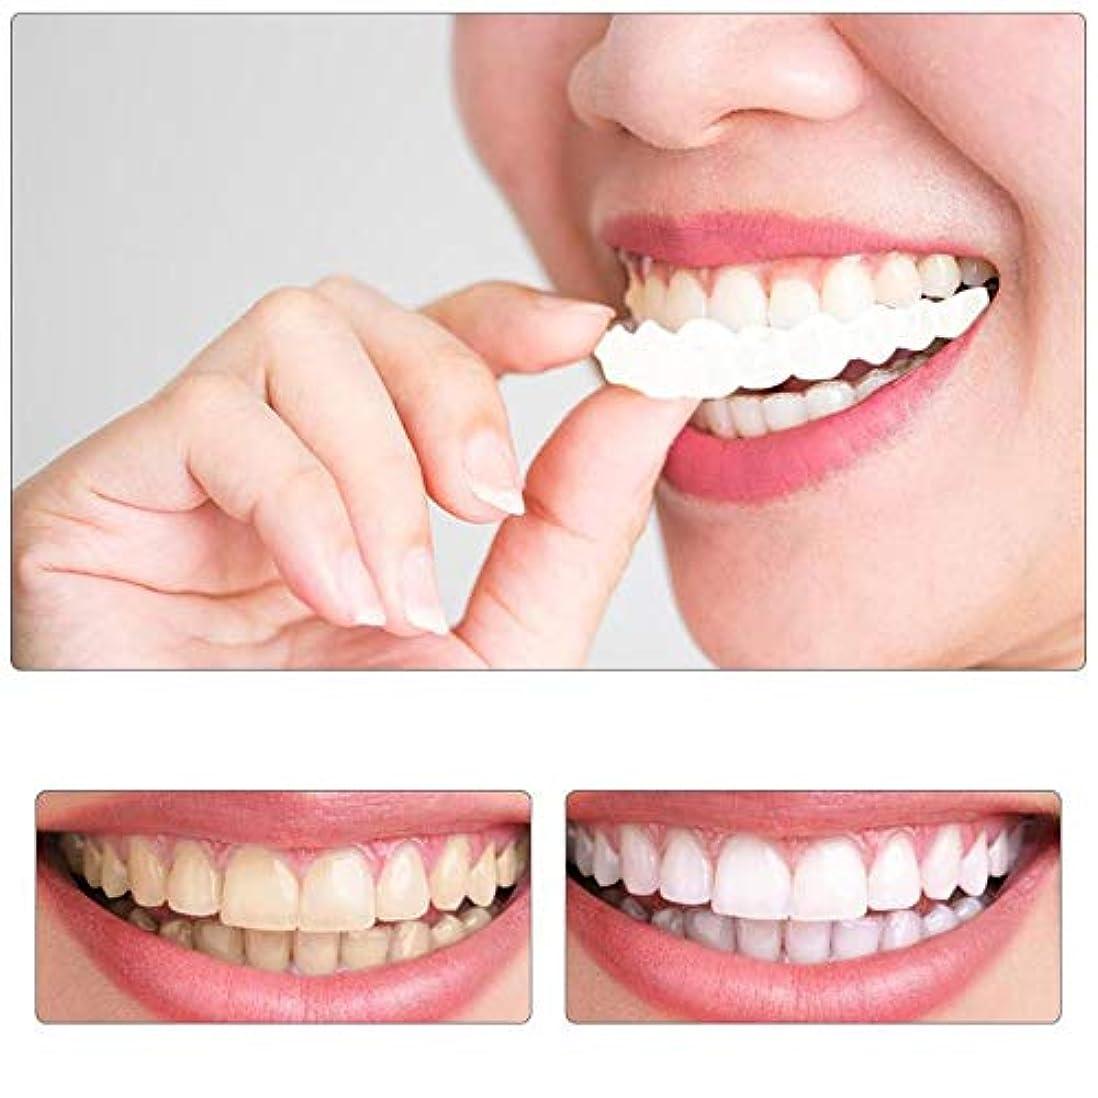 事前に拘束ダイアクリティカル1ペア偽歯上部偽偽歯カバースナップオン即時歯化粧品義歯ケアオーラルケアプラスチックホワイトニング義歯